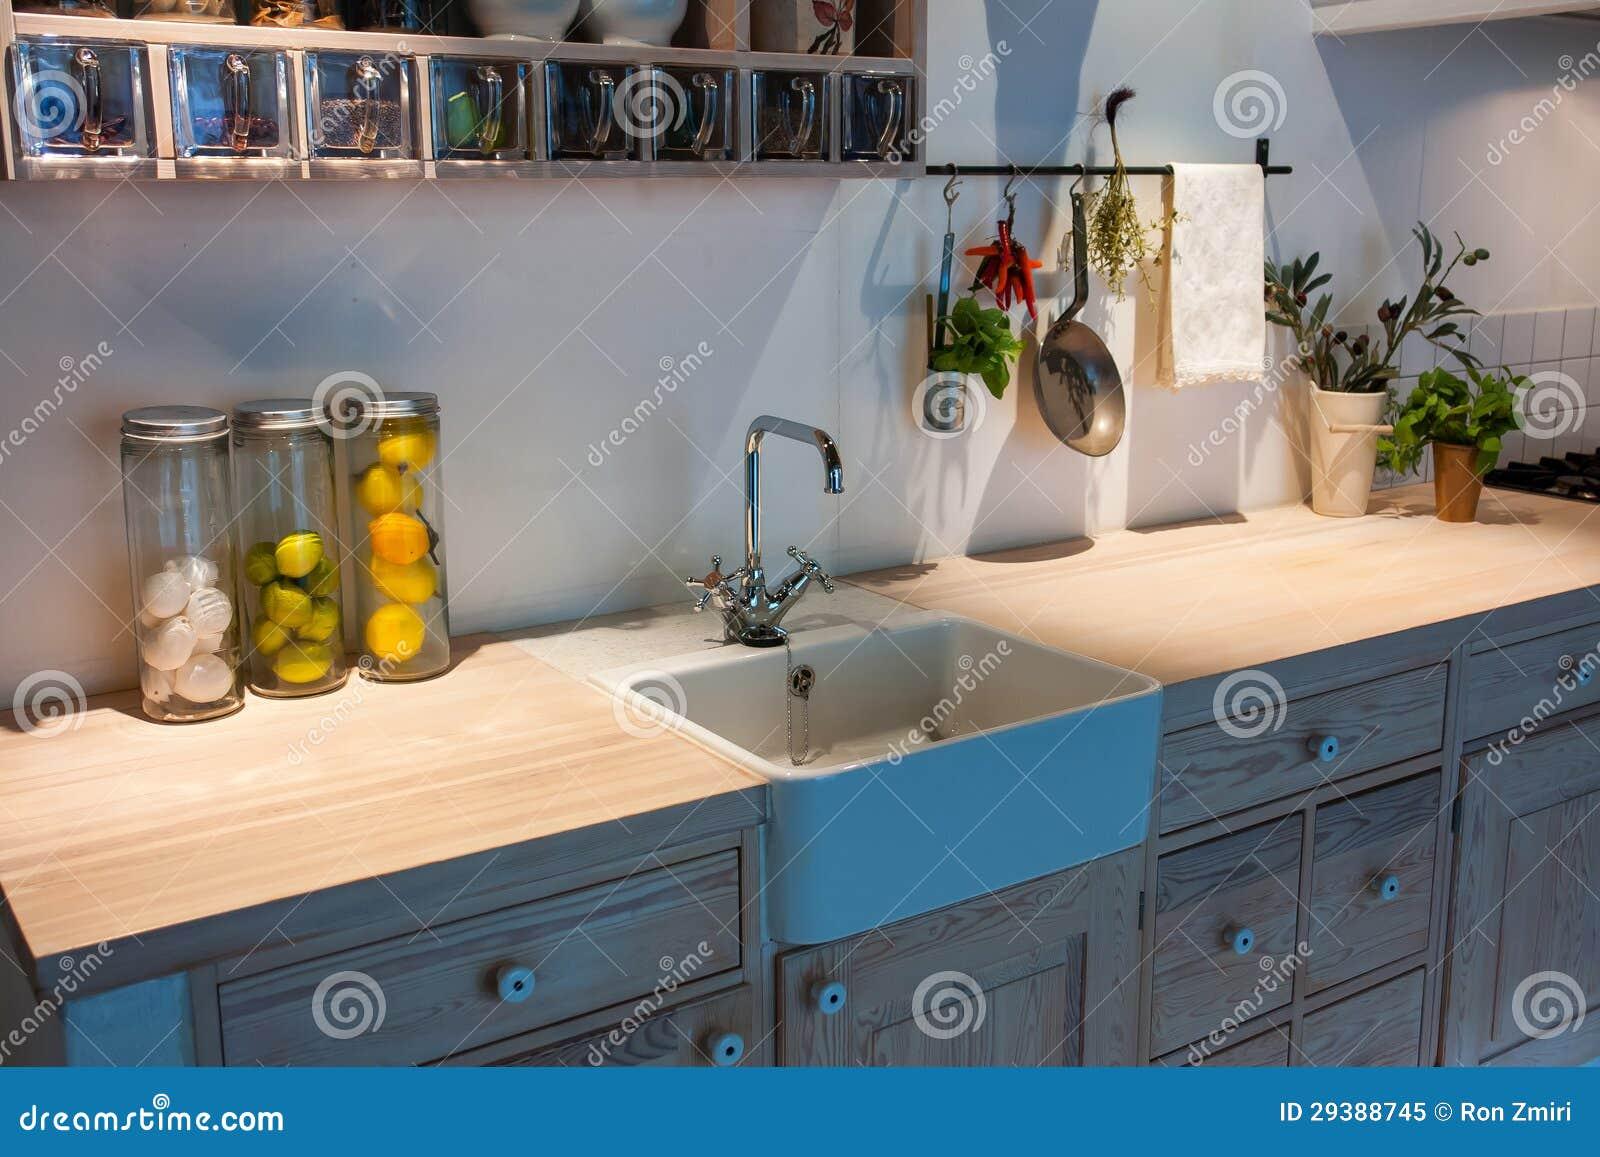 Ziemlich Land Moderne Küche Ideen - Ideen Für Die Küche Dekoration ...